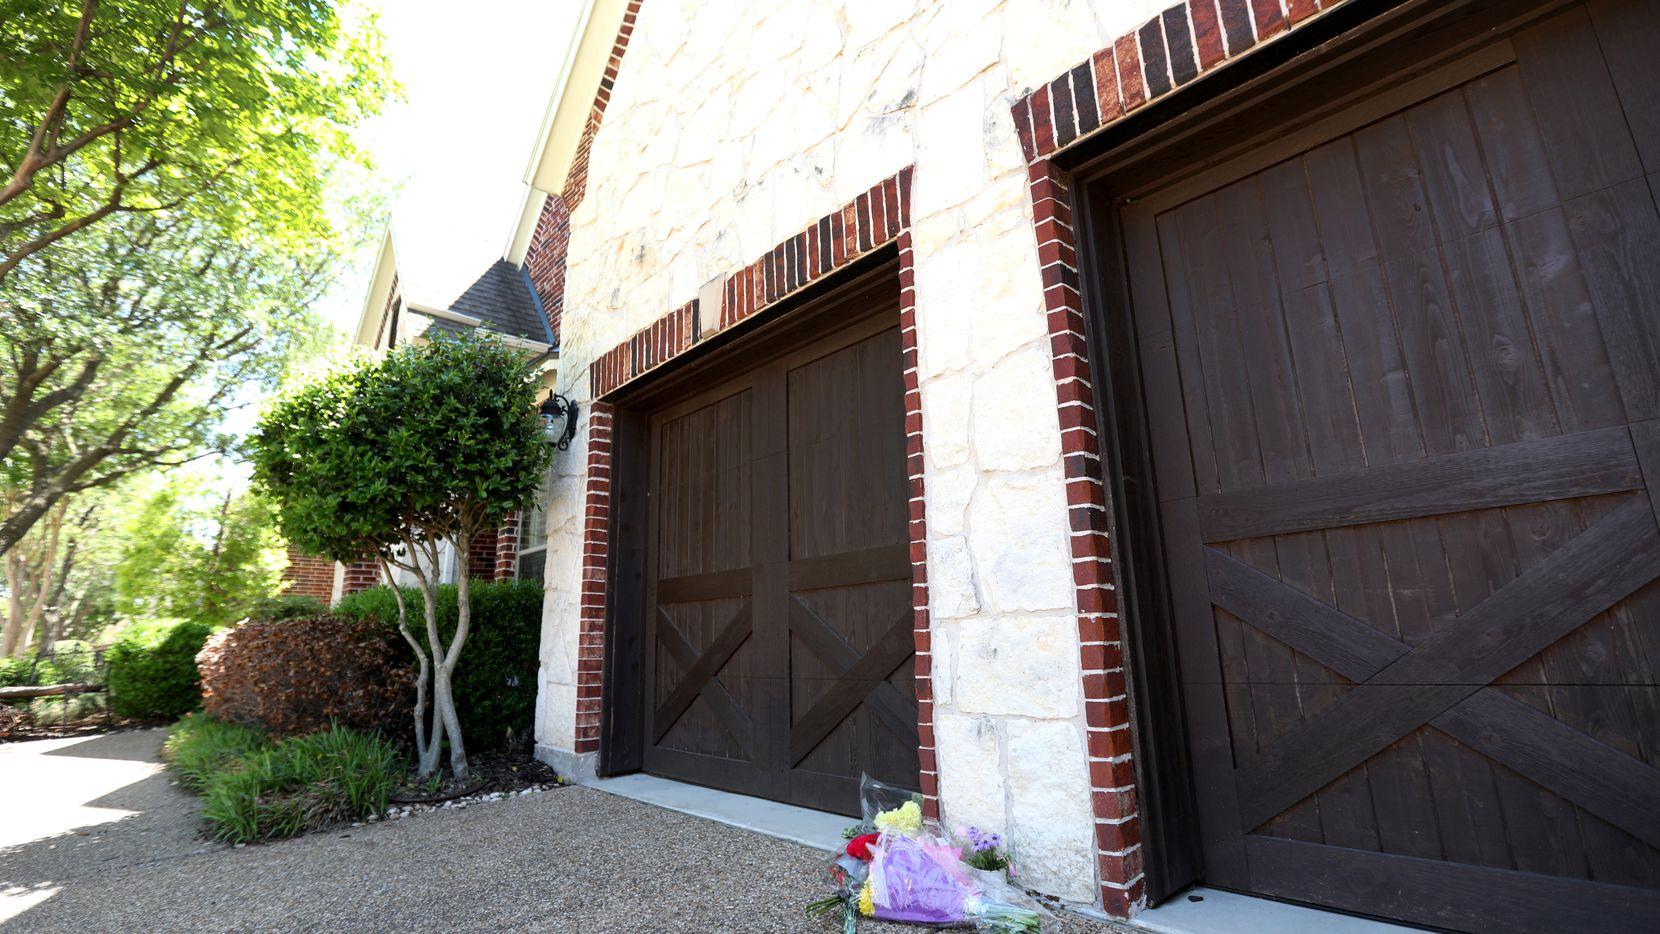 Flores yacen al pie del garaje en una casa en Nueces Drive, en Allen, en donde un joven de 20 años habría matado a su hermana y madre.